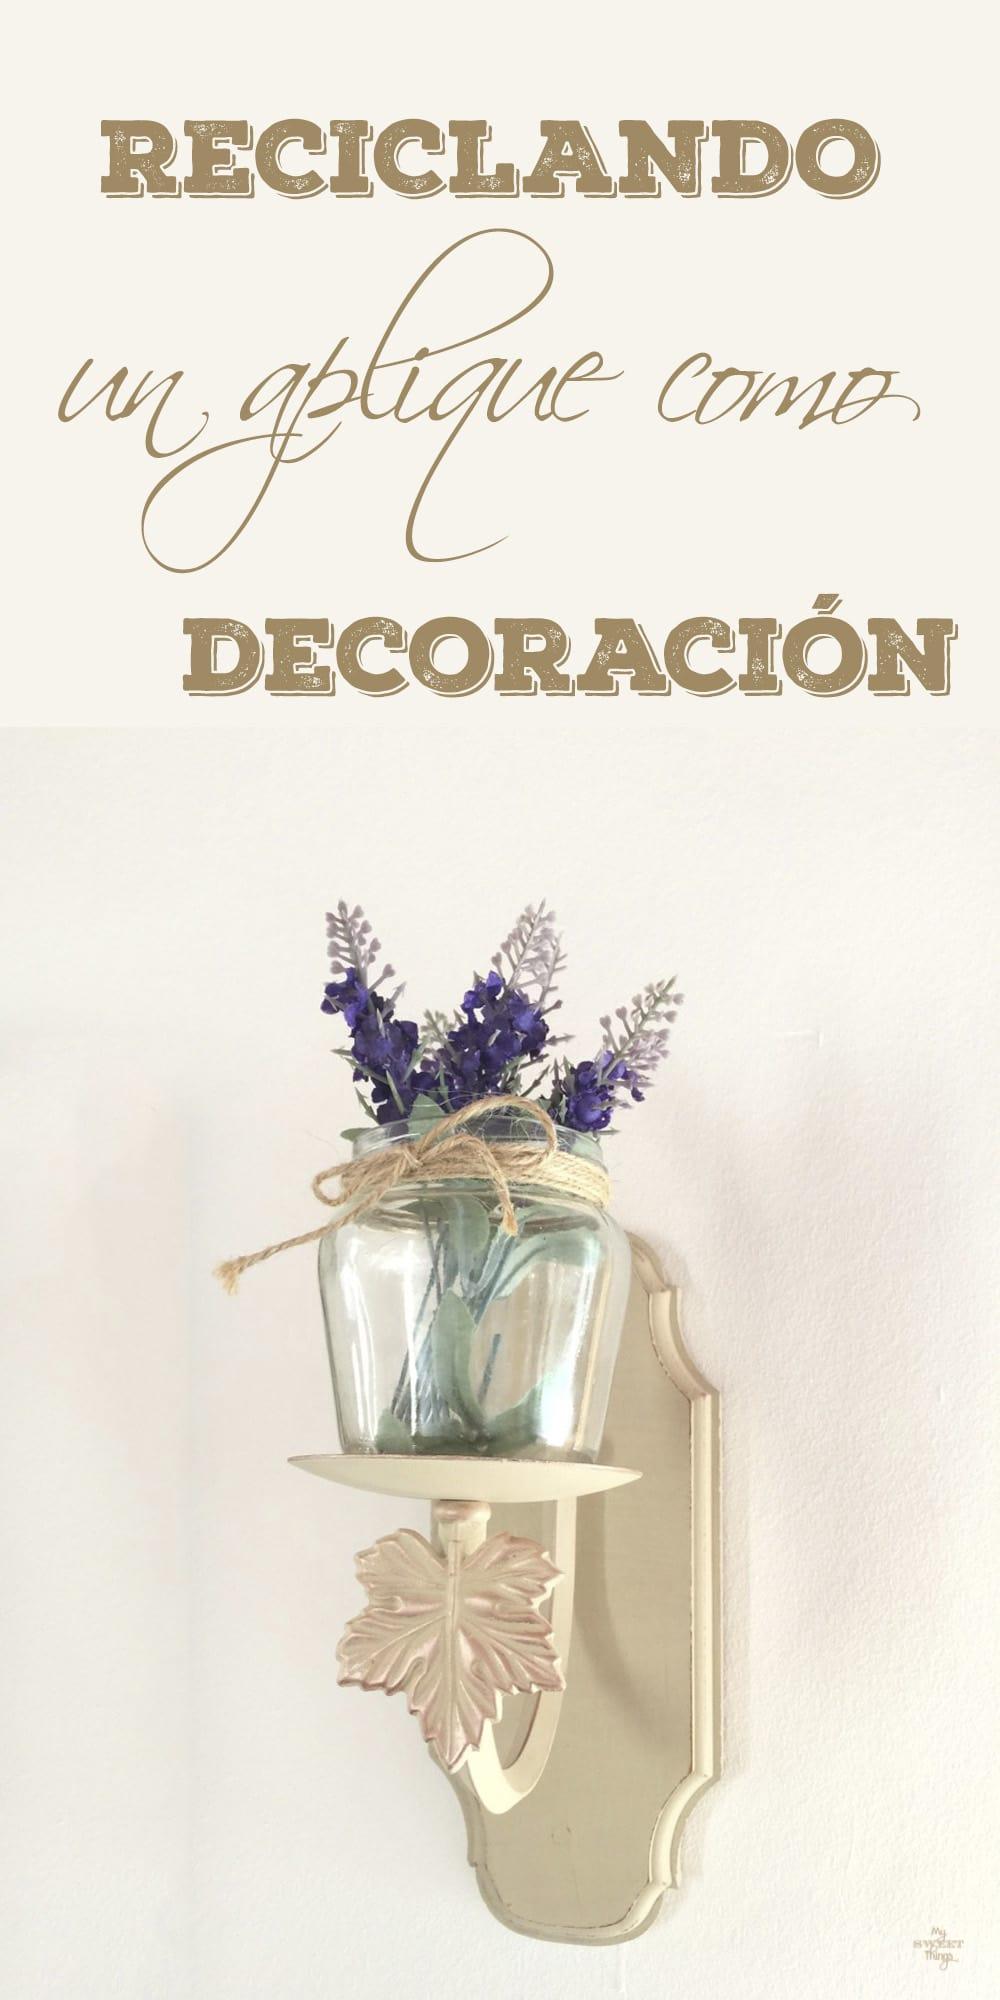 Reciclar un aplique como decoración · Via www.sweethings.net